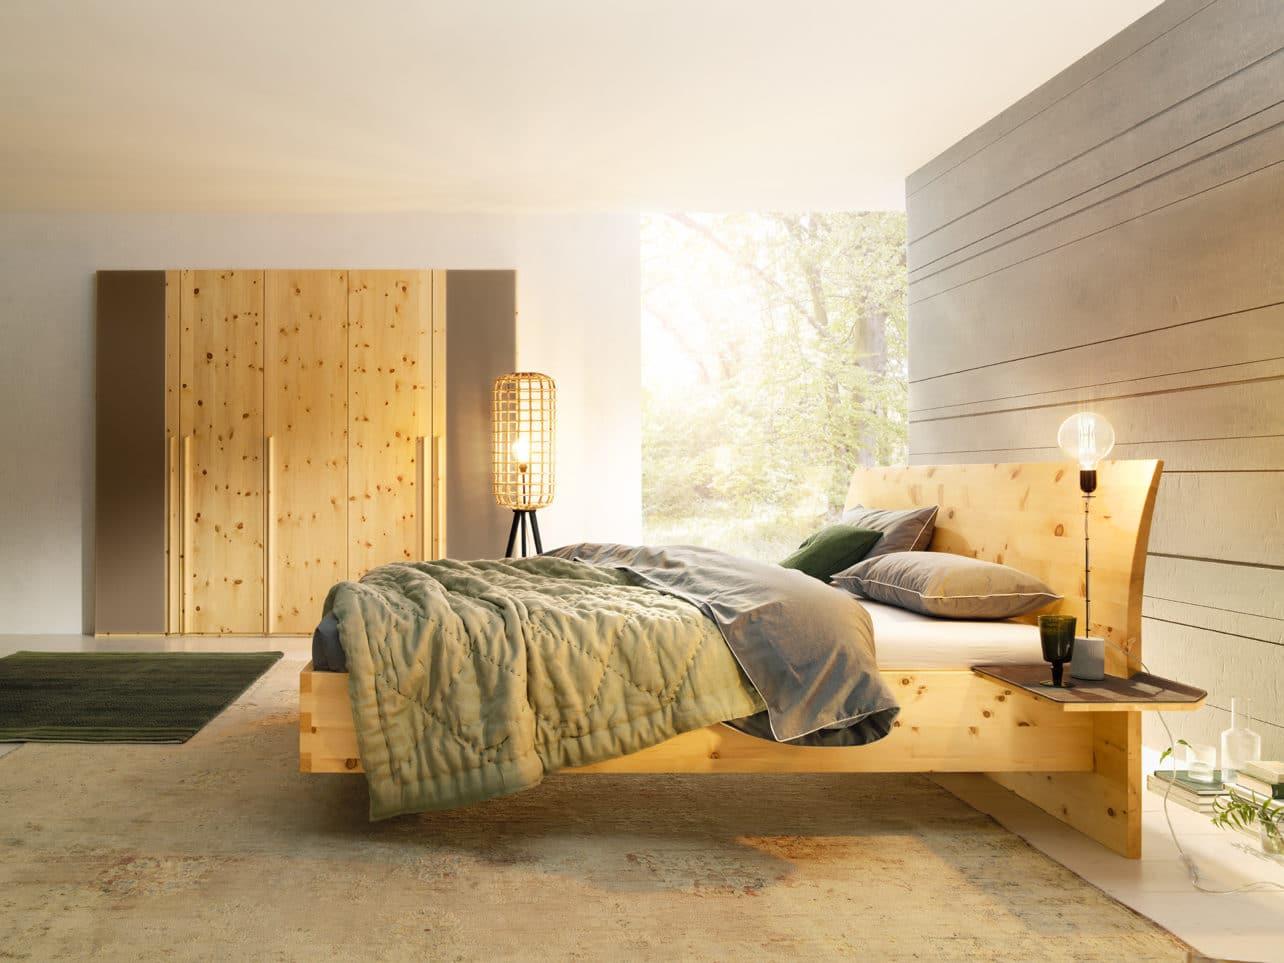 schlafzimmer paso weiterlesen sideboard puro stone